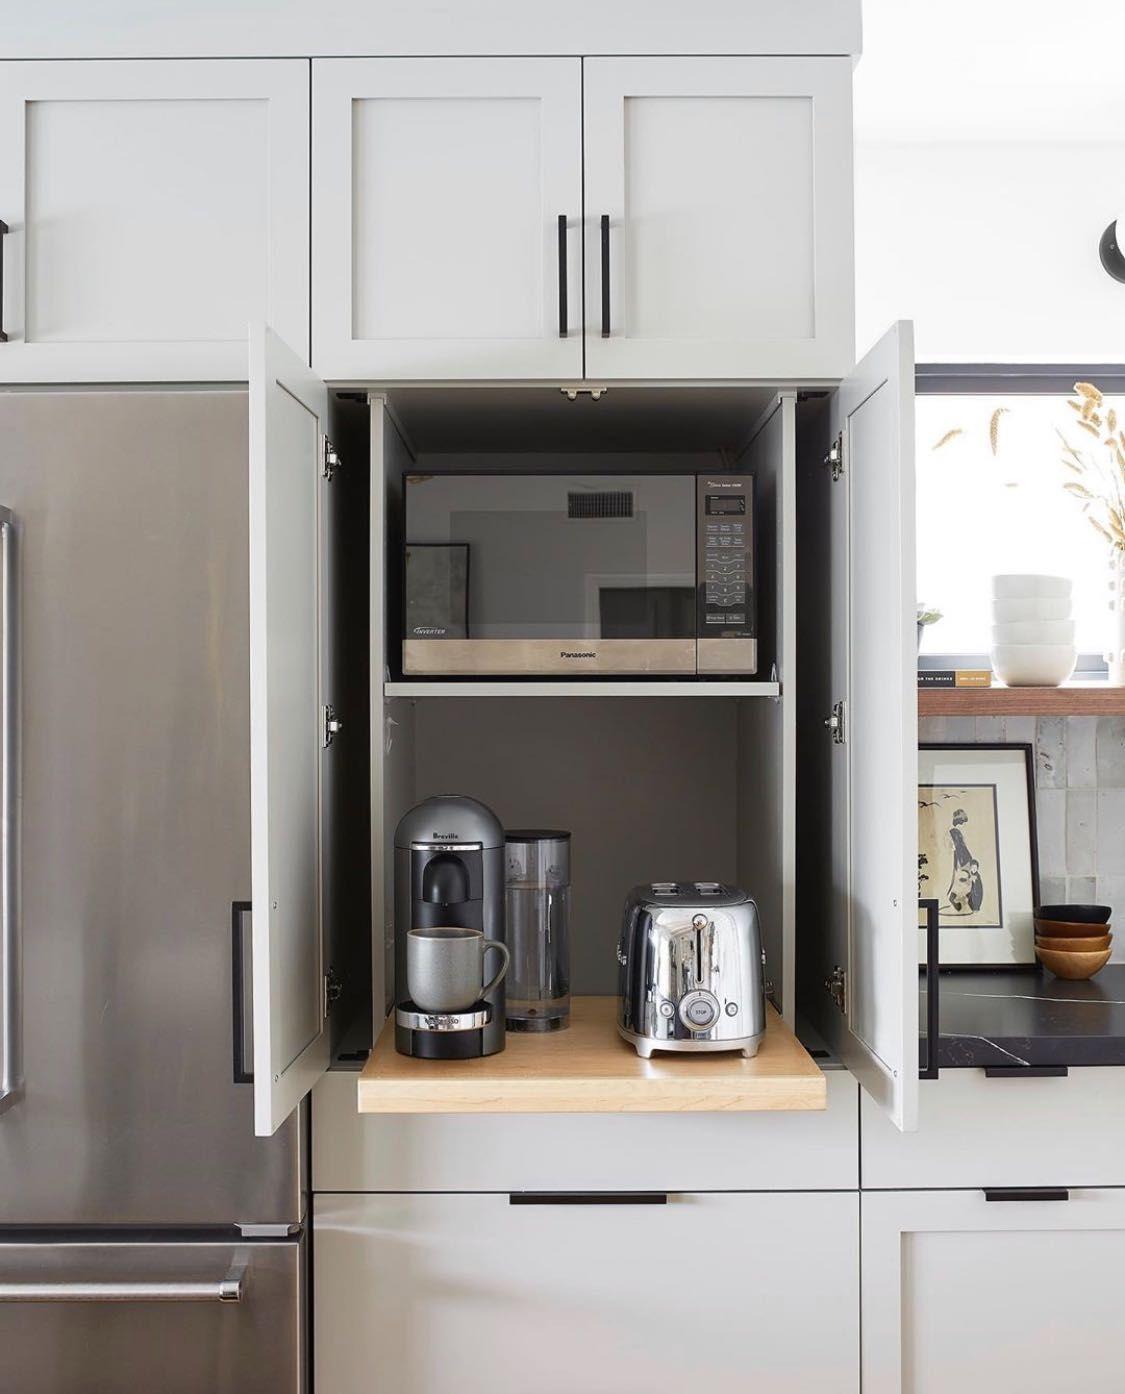 Kitchen Appliance Garage With Accuride Pocket Doors In 2020 Kitchen Appliance Garage Kitchen Appliance Storage Appliance Garage